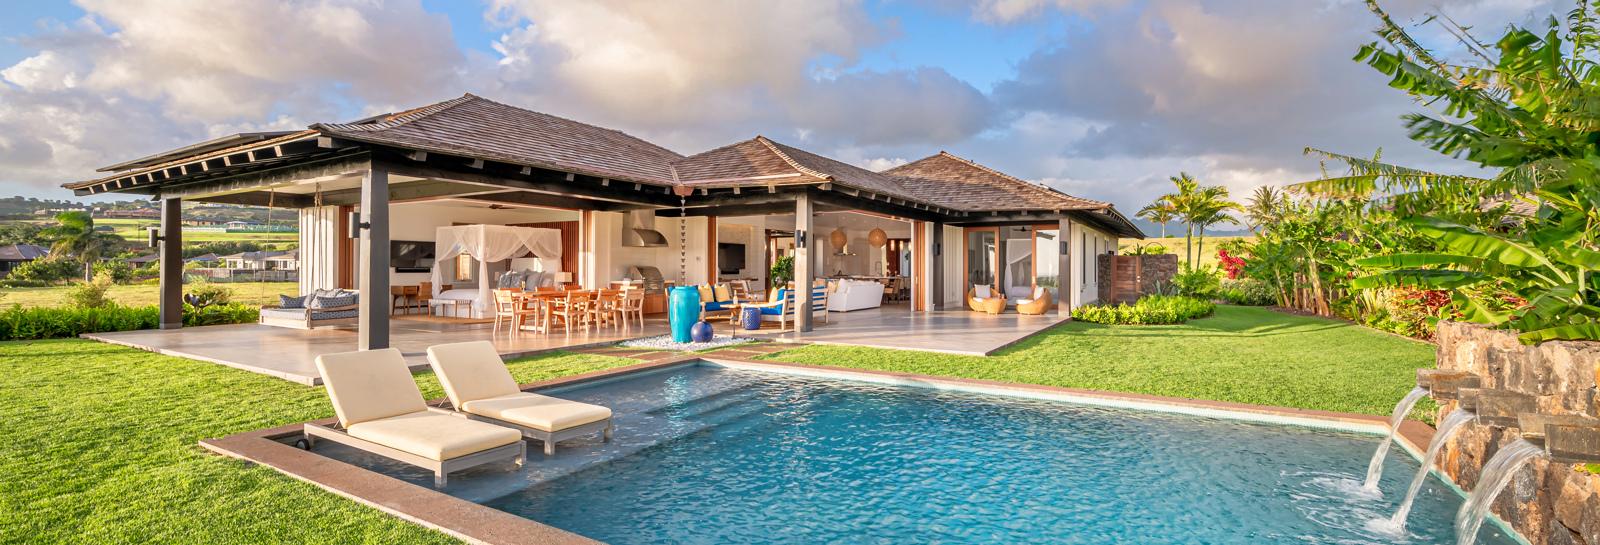 Kauai luxury vacation villa